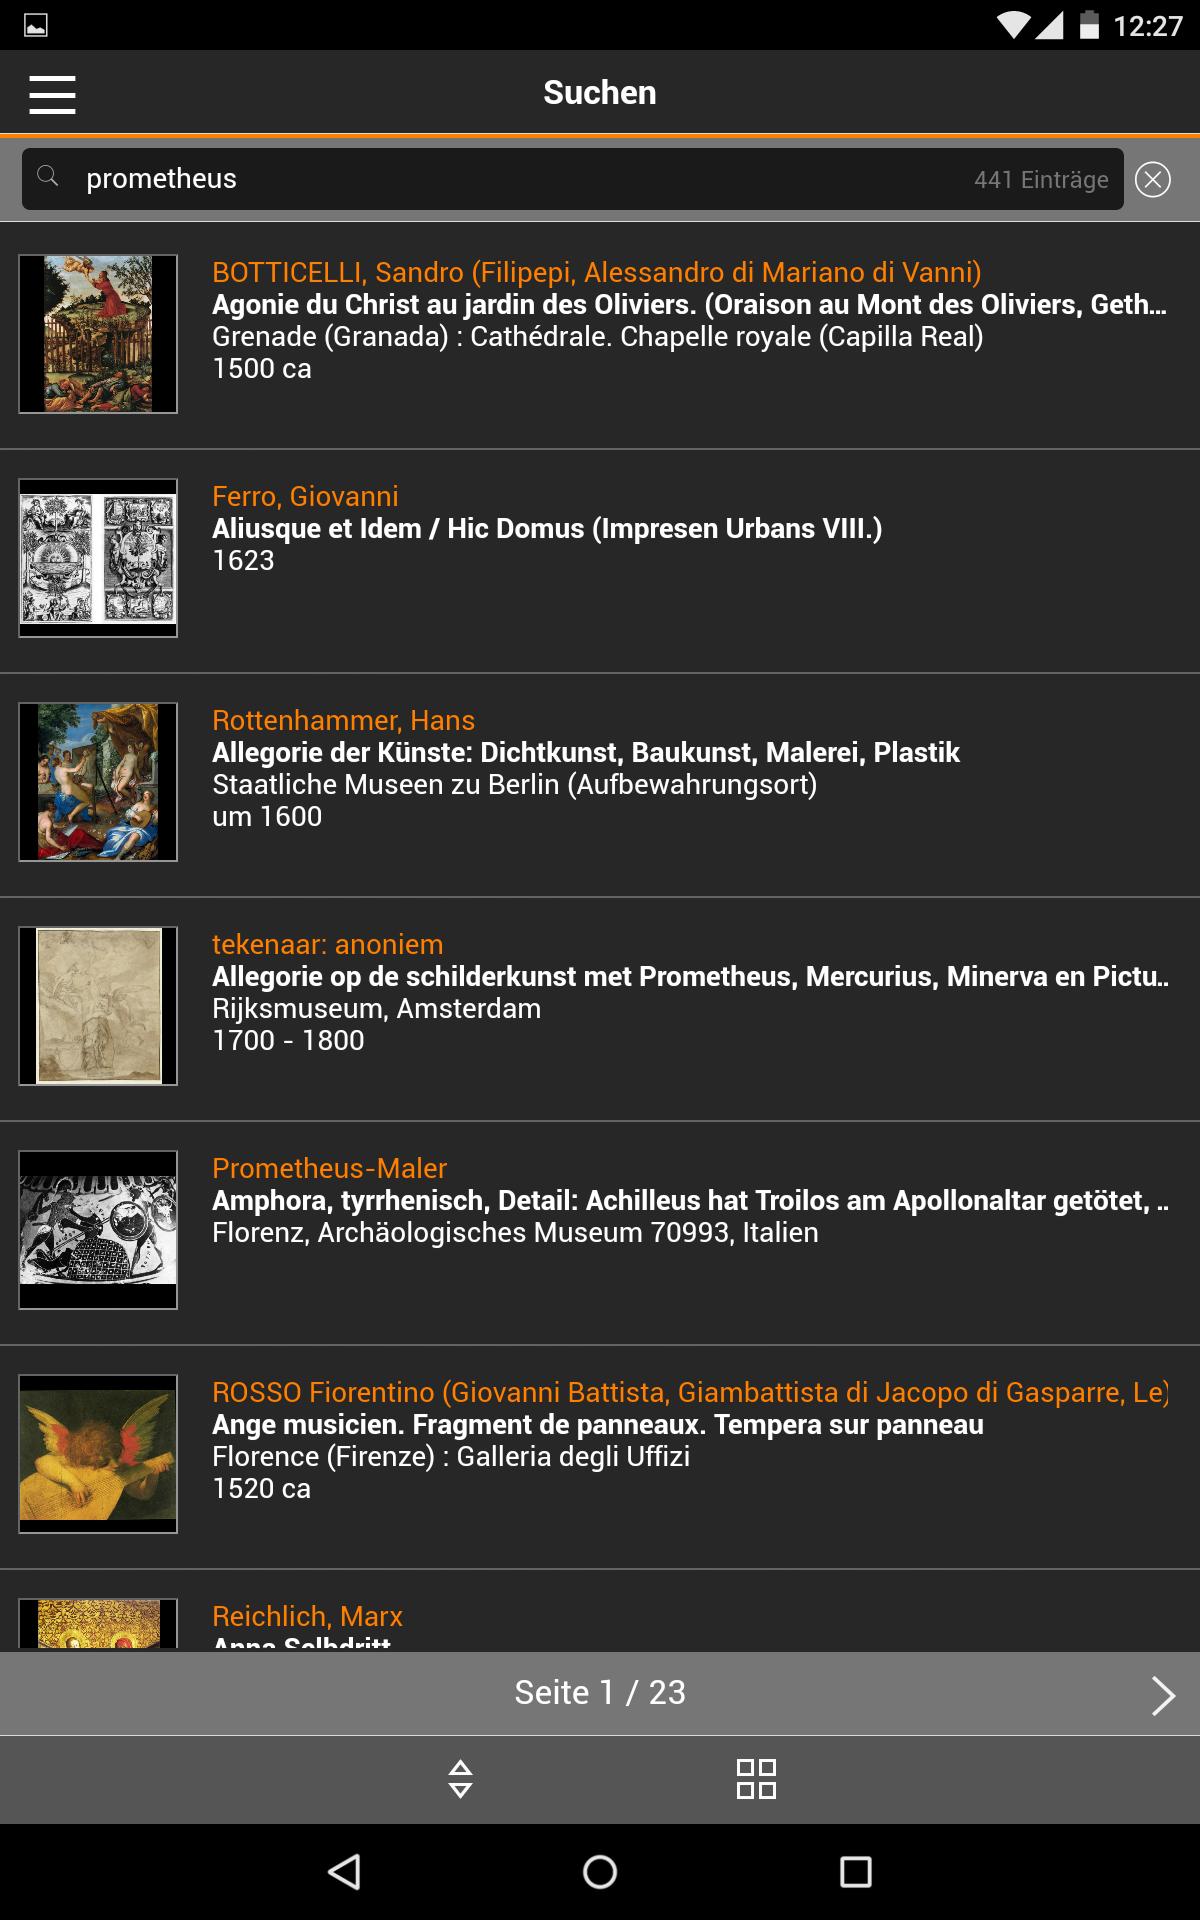 App Das Prometheus Bildarchiv Hochwertige Bilder Zu Kunst Kultur